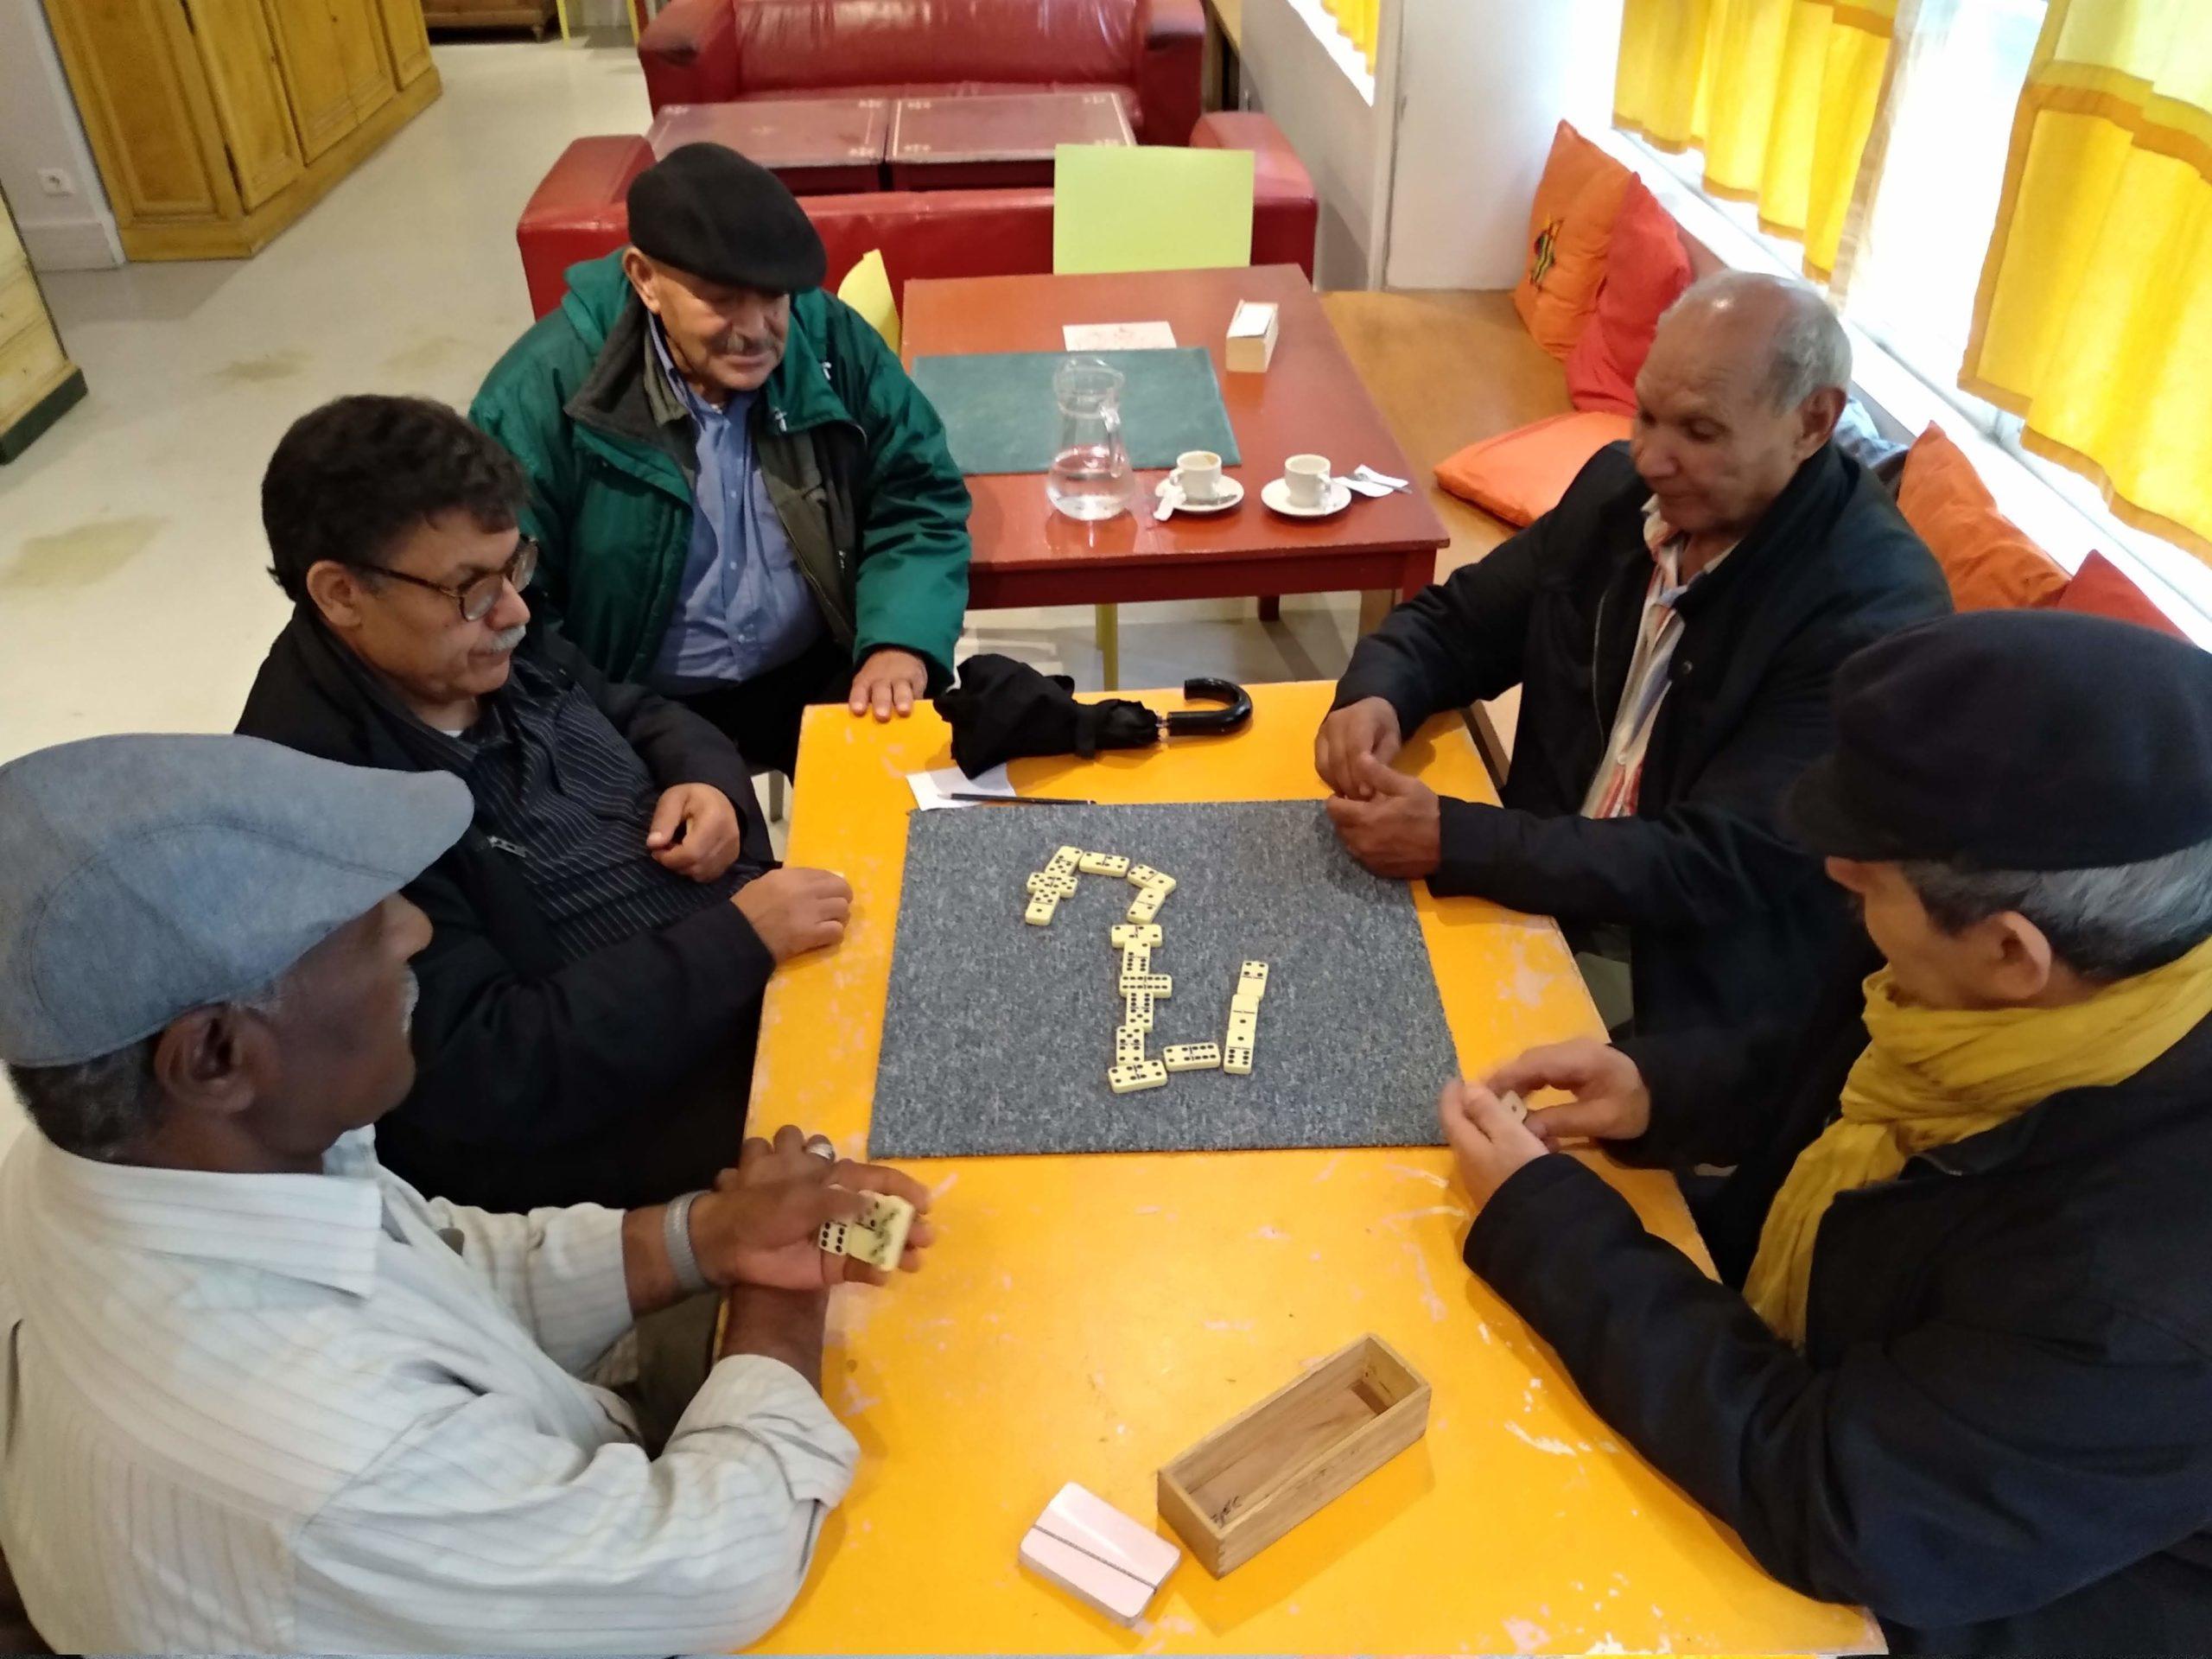 Le Café social de Belleville vient en aide aux personnes âgées immigrées